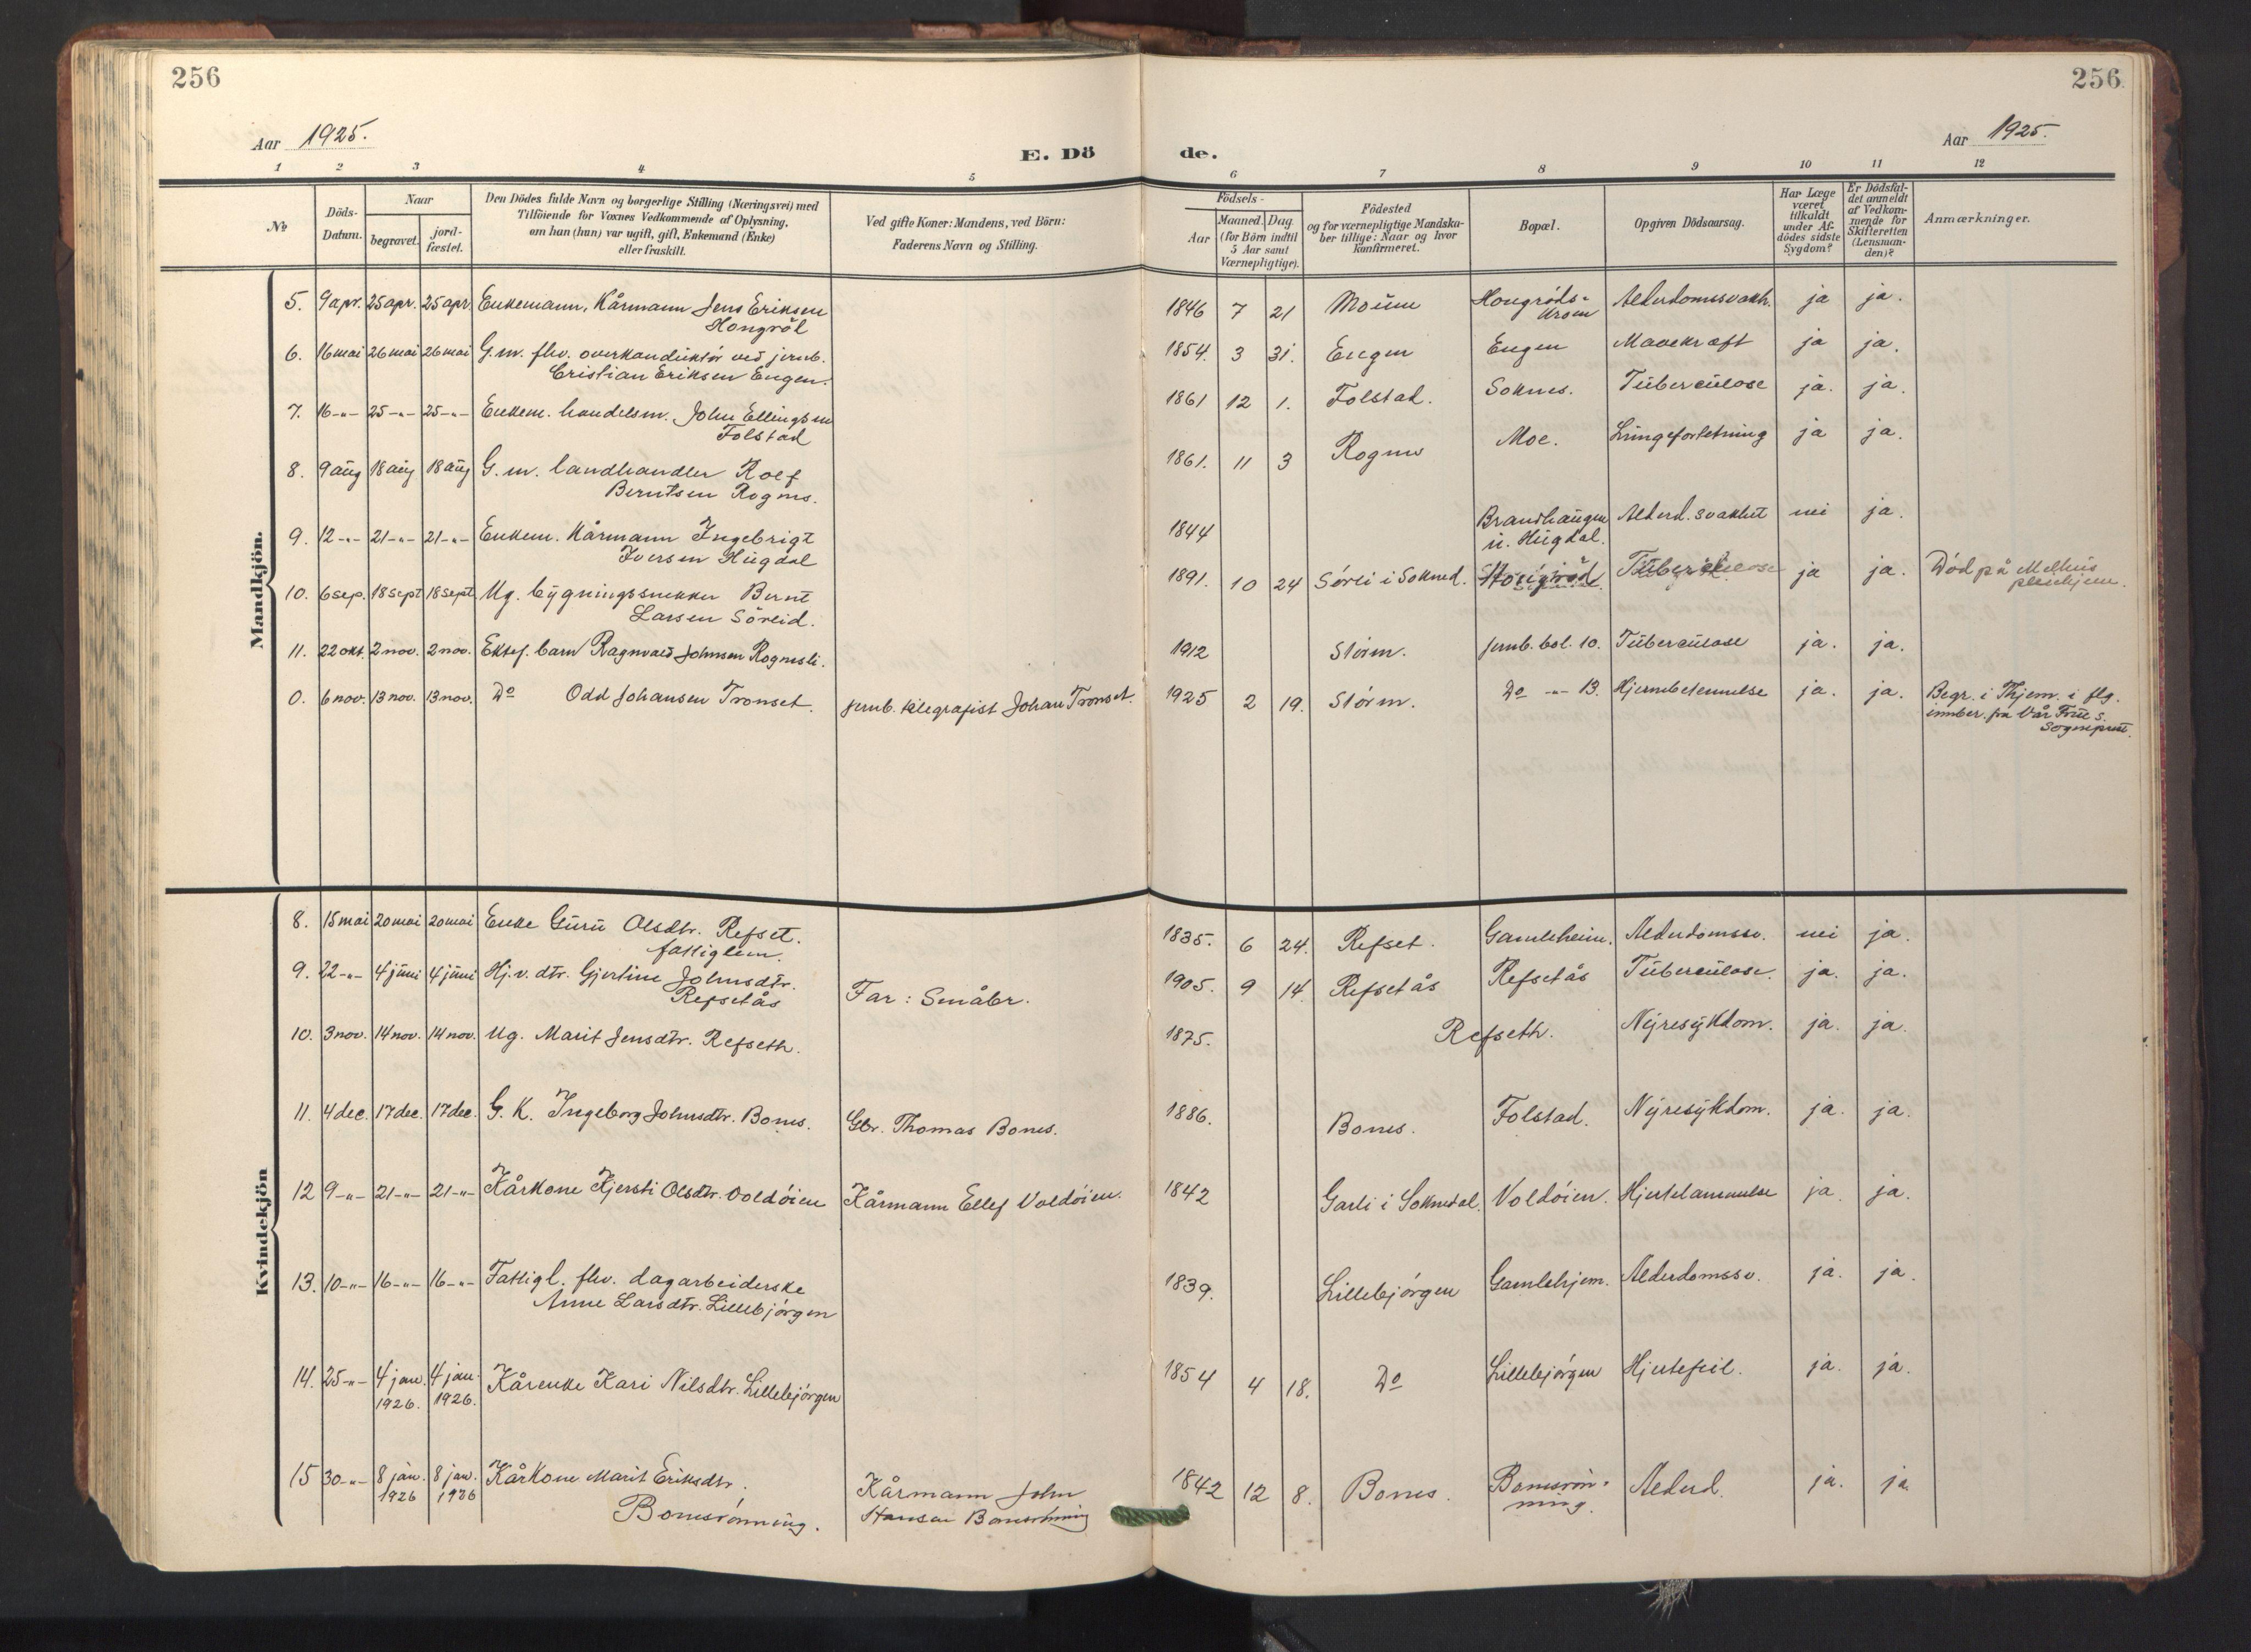 SAT, Ministerialprotokoller, klokkerbøker og fødselsregistre - Sør-Trøndelag, 687/L1019: Klokkerbok nr. 687C03, 1904-1931, s. 256